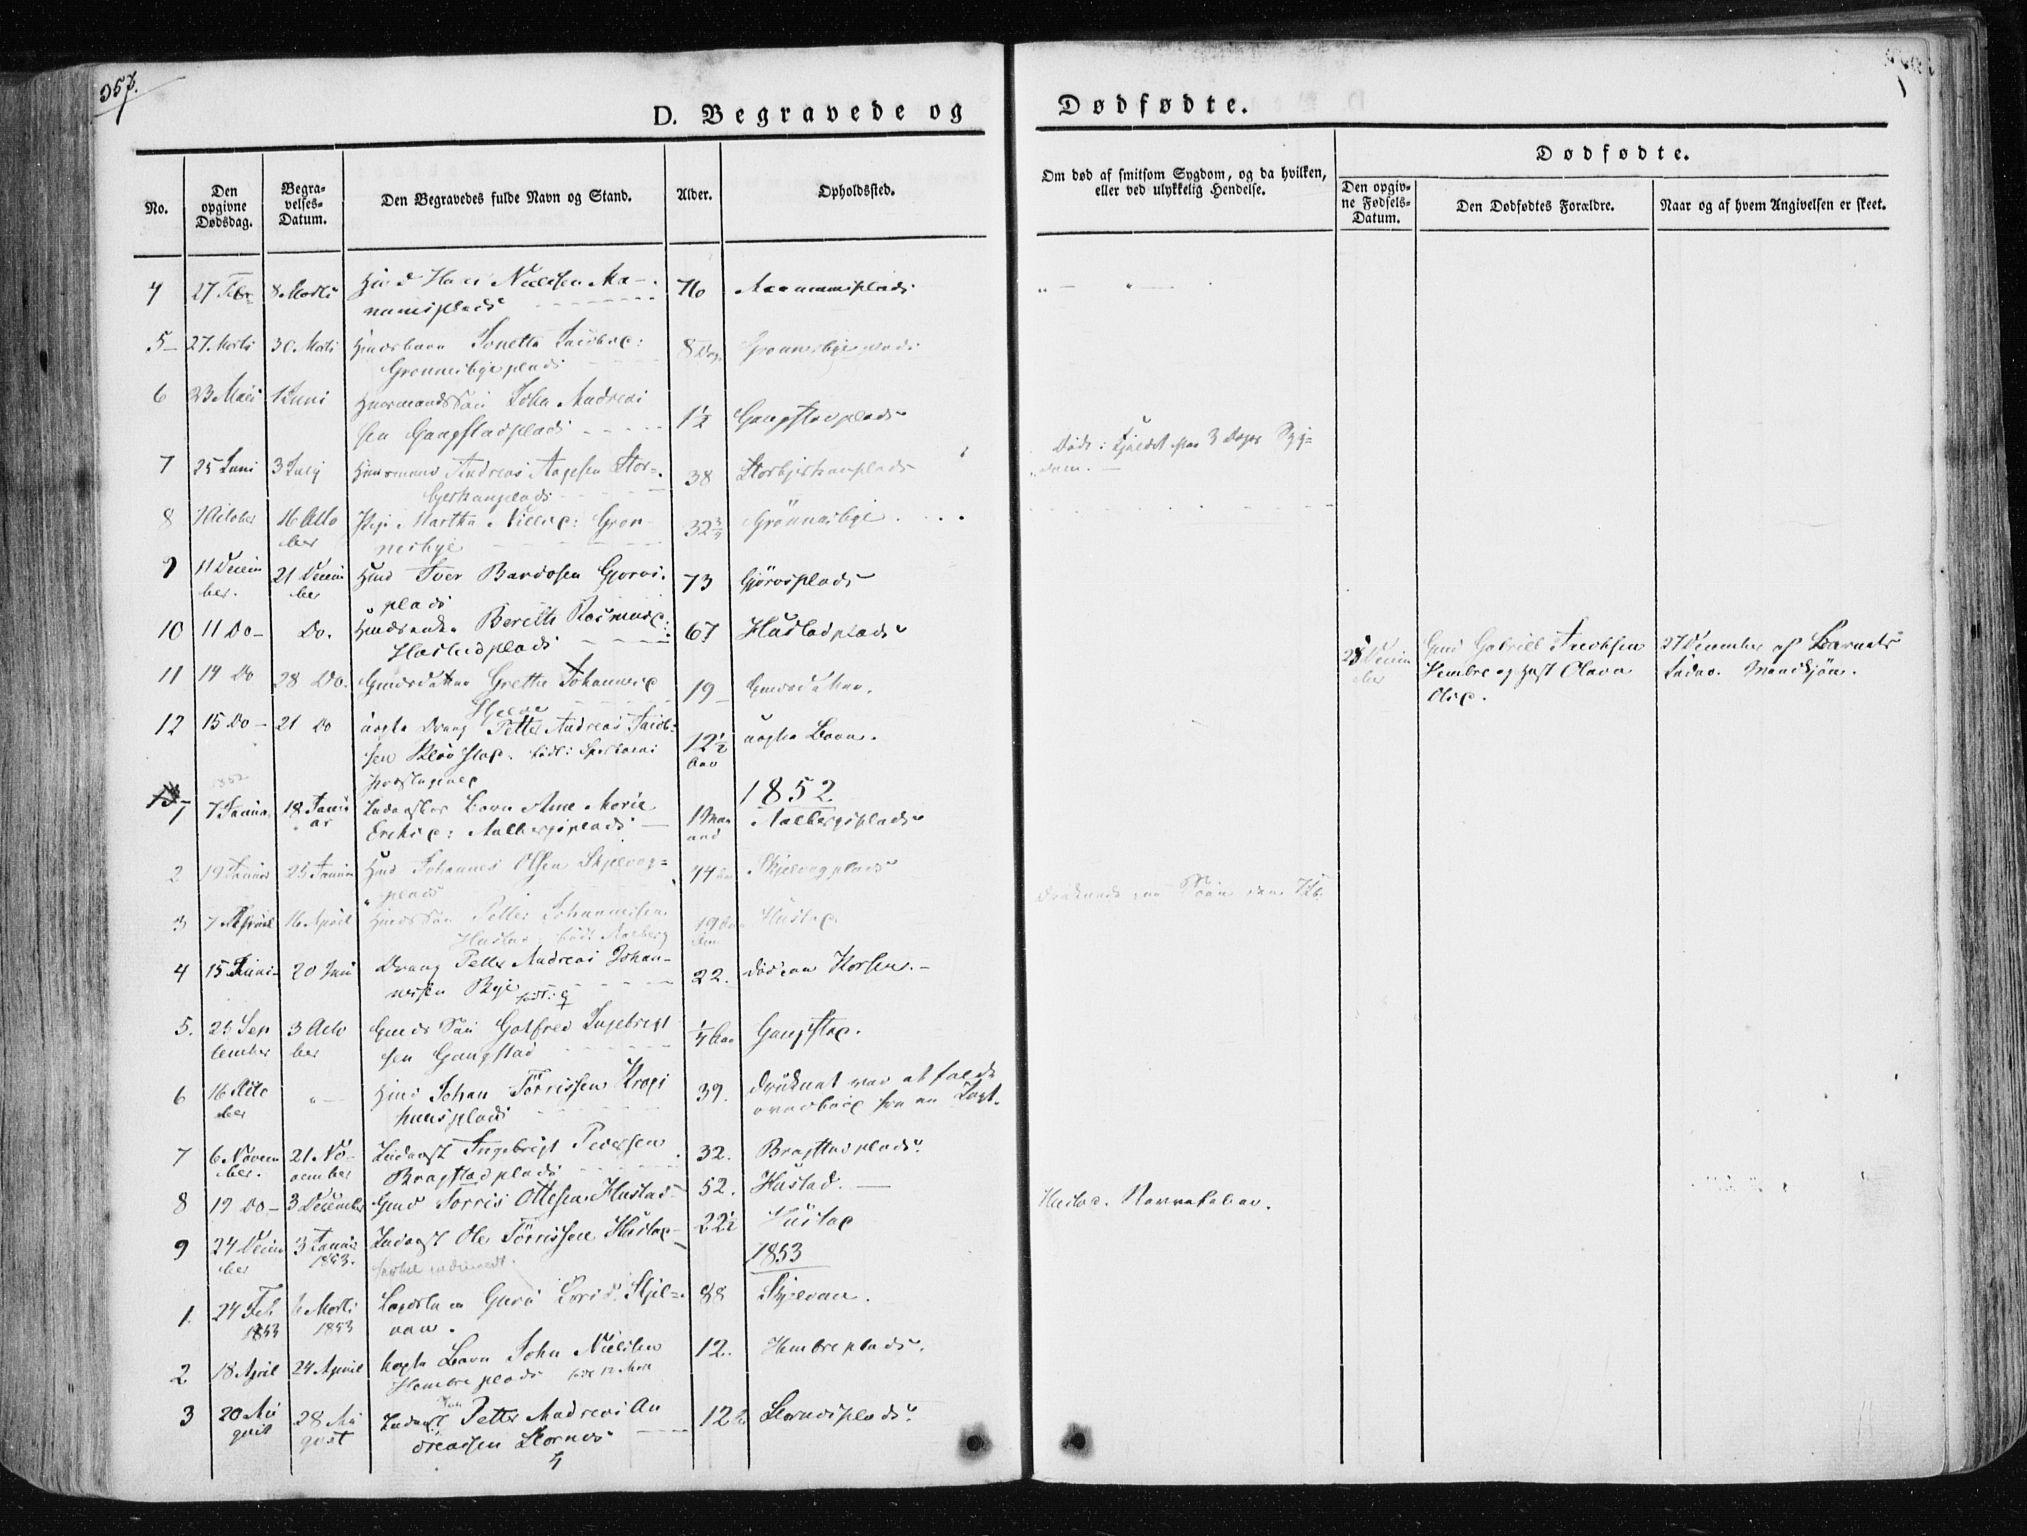 SAT, Ministerialprotokoller, klokkerbøker og fødselsregistre - Nord-Trøndelag, 730/L0280: Ministerialbok nr. 730A07 /3, 1840-1854, s. 357